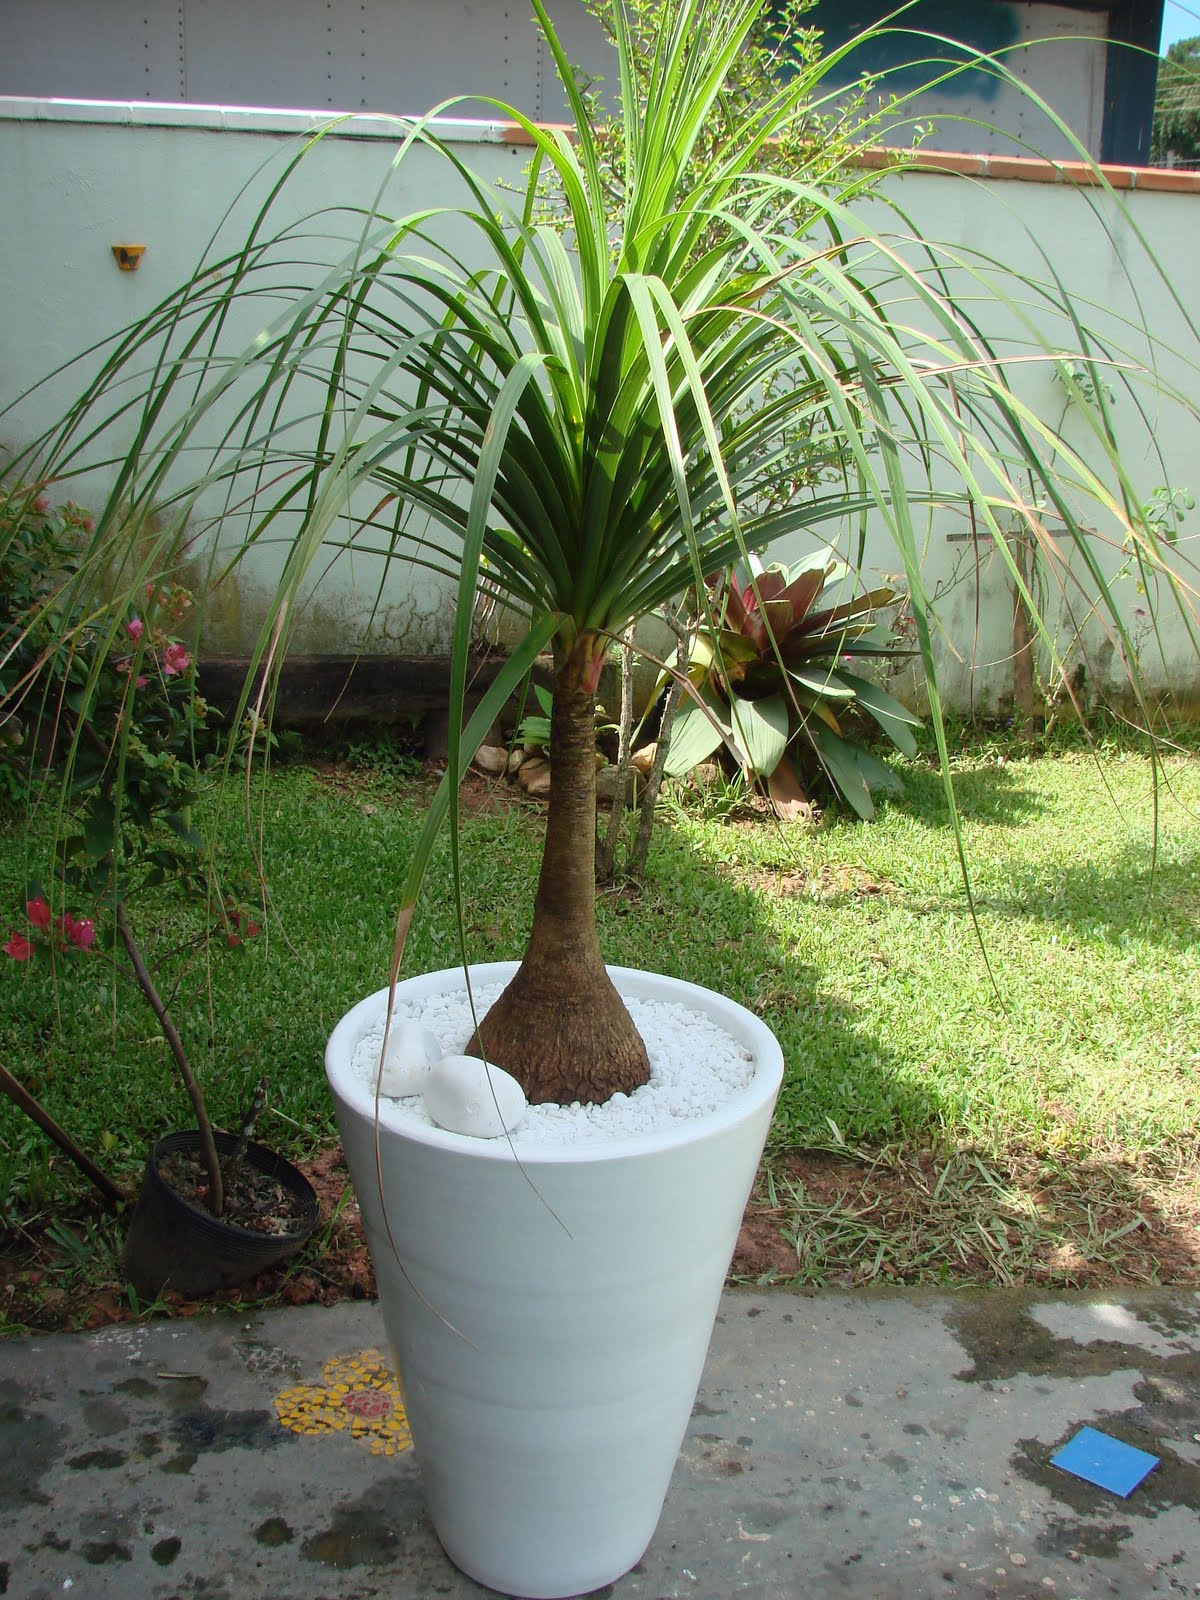 Revenda de plantas ornamentais vasos pe as de barro 2011 - Planta pata de elefante ...